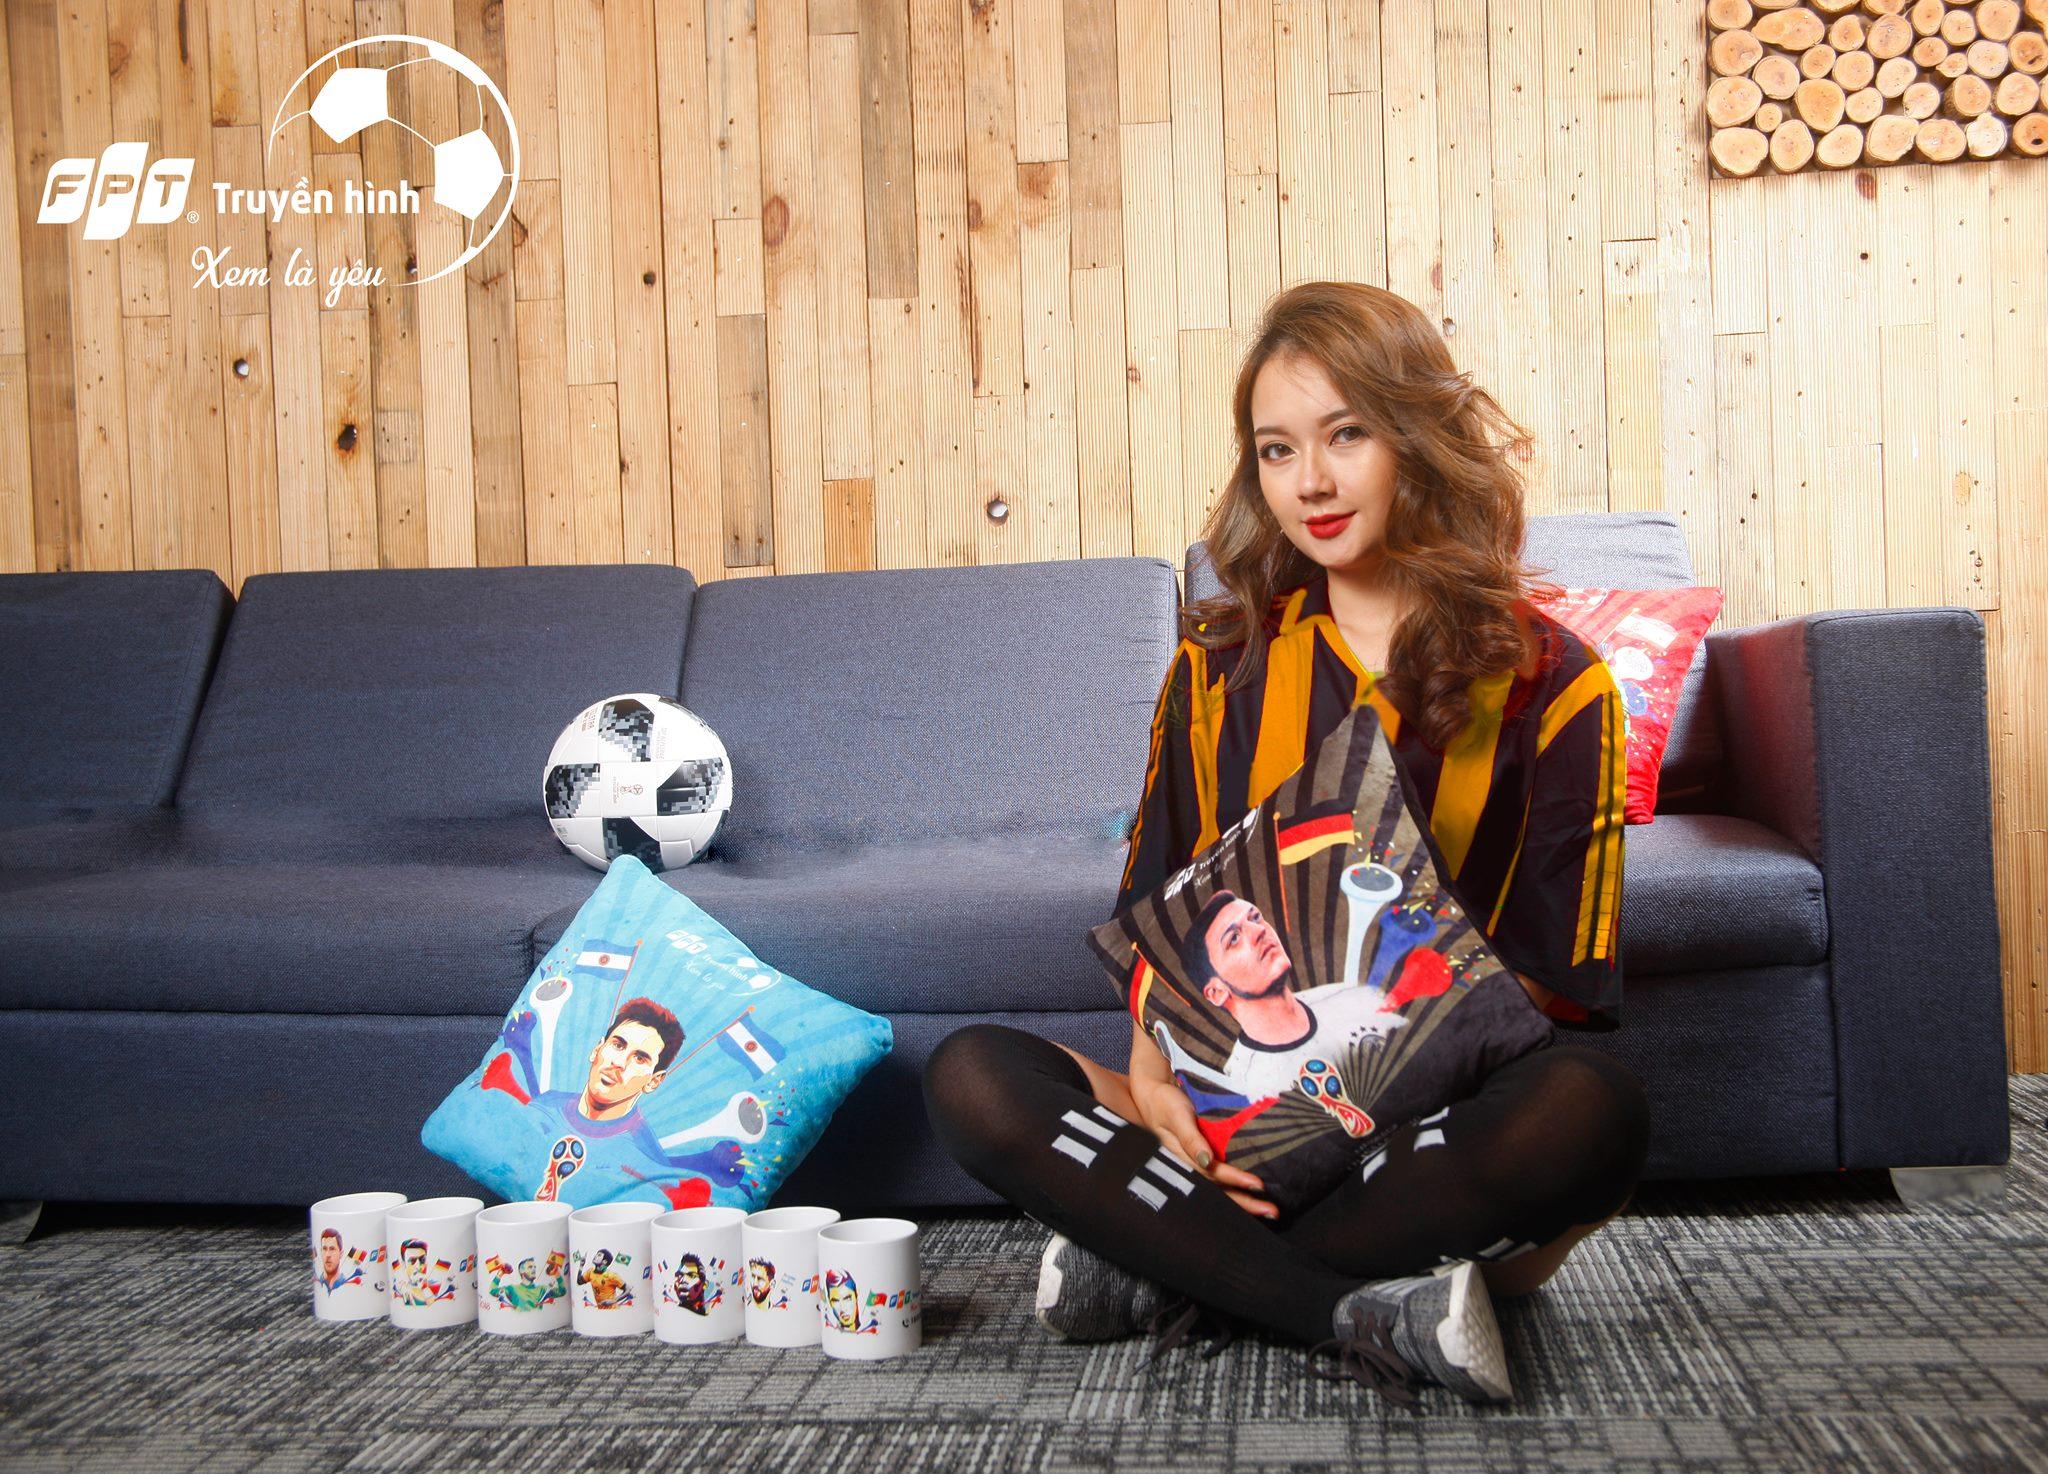 Theo đó, độc giả có cơ hội nhận nhiều phần thưởng cốc, gối in hình cầu thủ khi tham gia gameshow mini trênfanpage Facebook Truyền hình FPT.